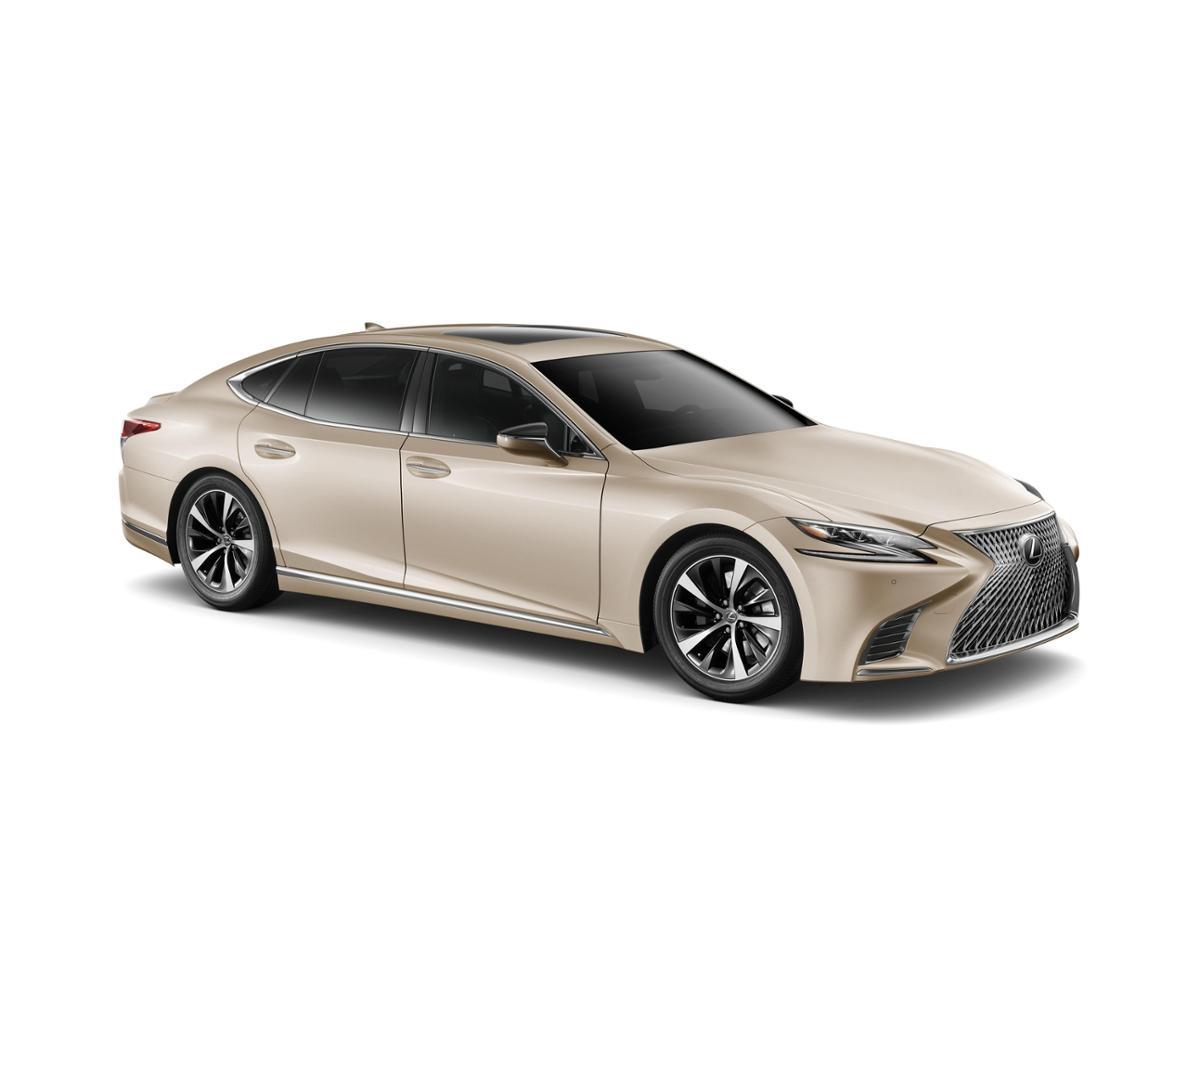 New 2019 Lexus LS 500 For Sale At Lexus Of Westport, Your